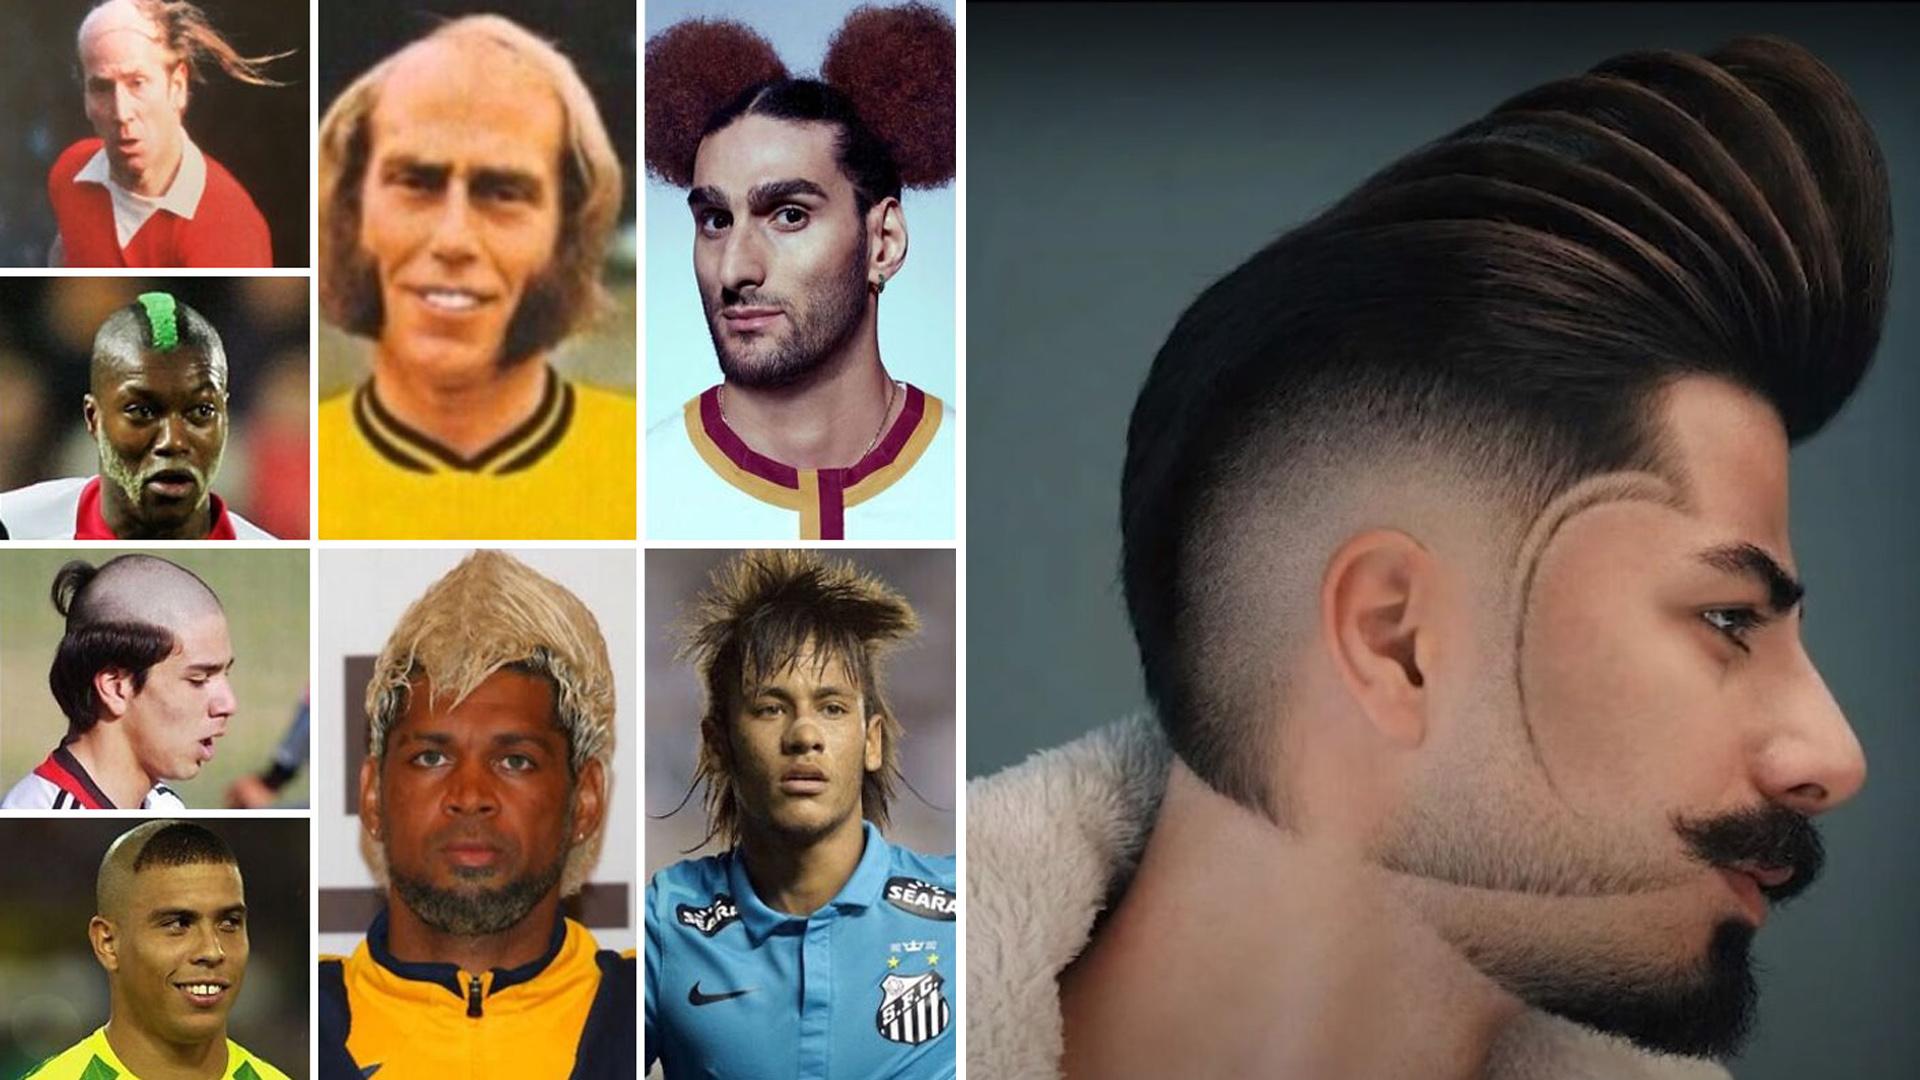 Os 10 piores cortes de cabelo que você verá hoje